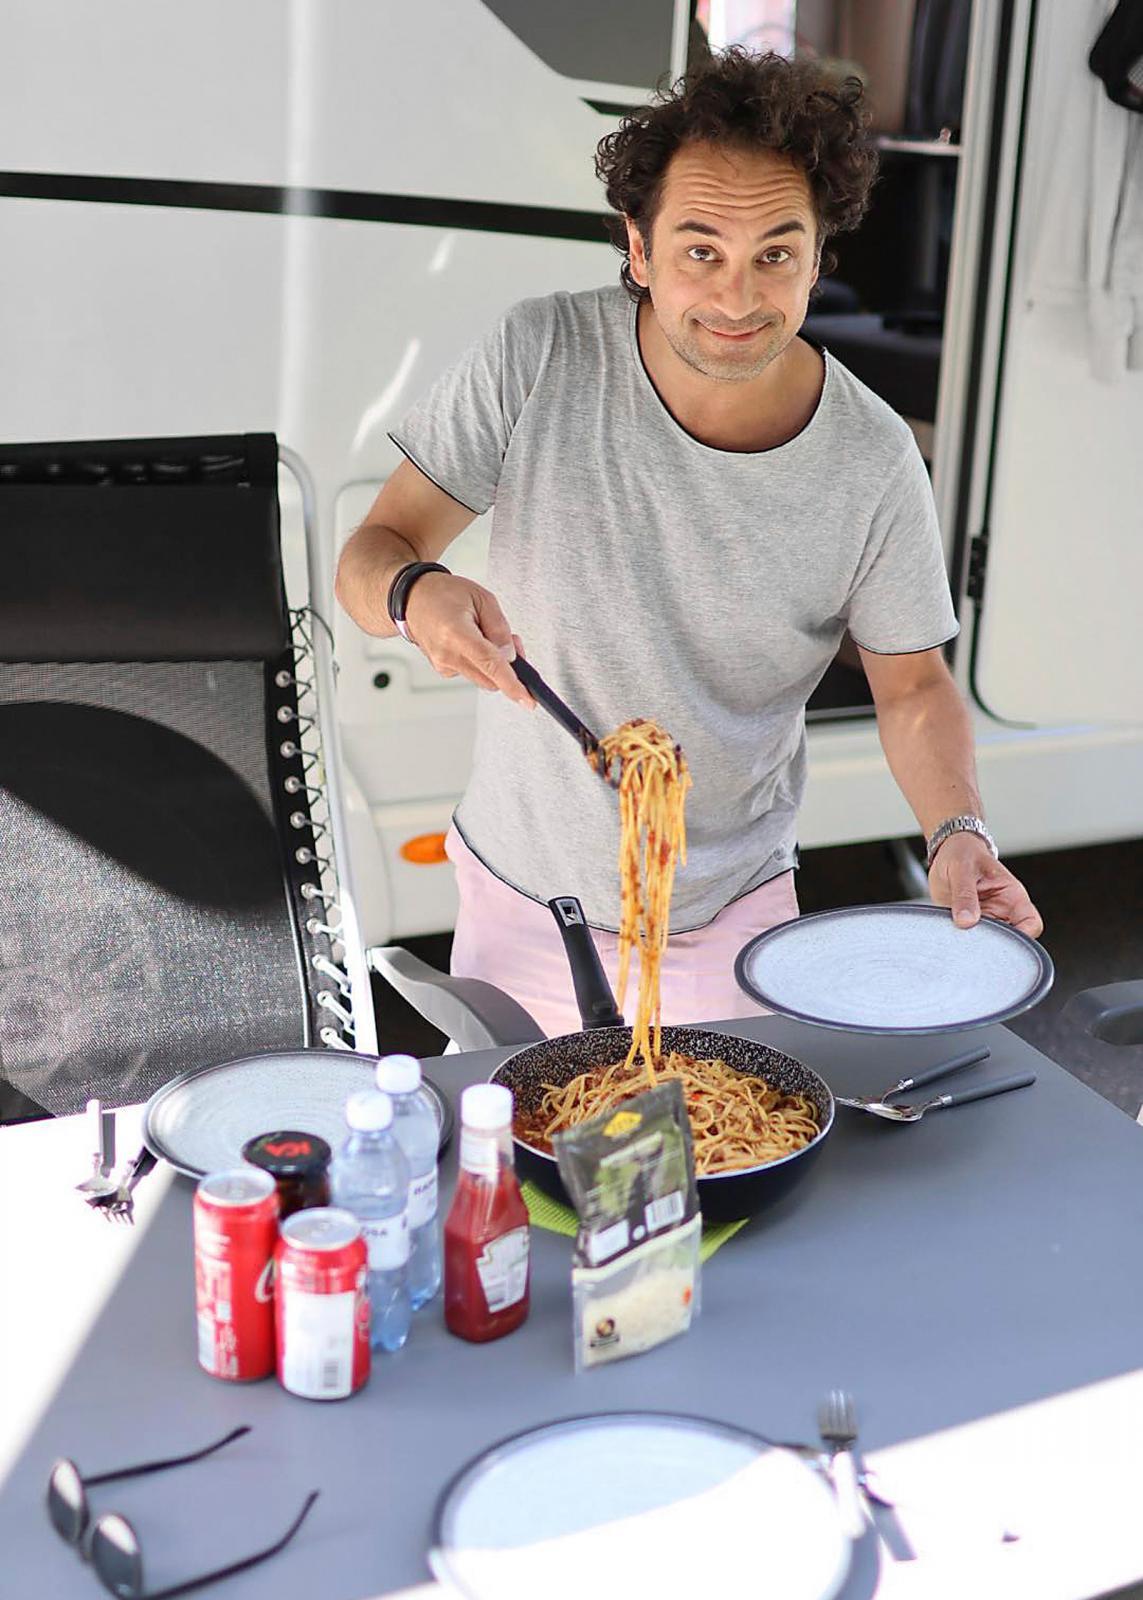 Markus hade förberett köttfärssås så han behövde bara koka pasta. Husbilens kök var fullt tillräckligt för att laga god mat.